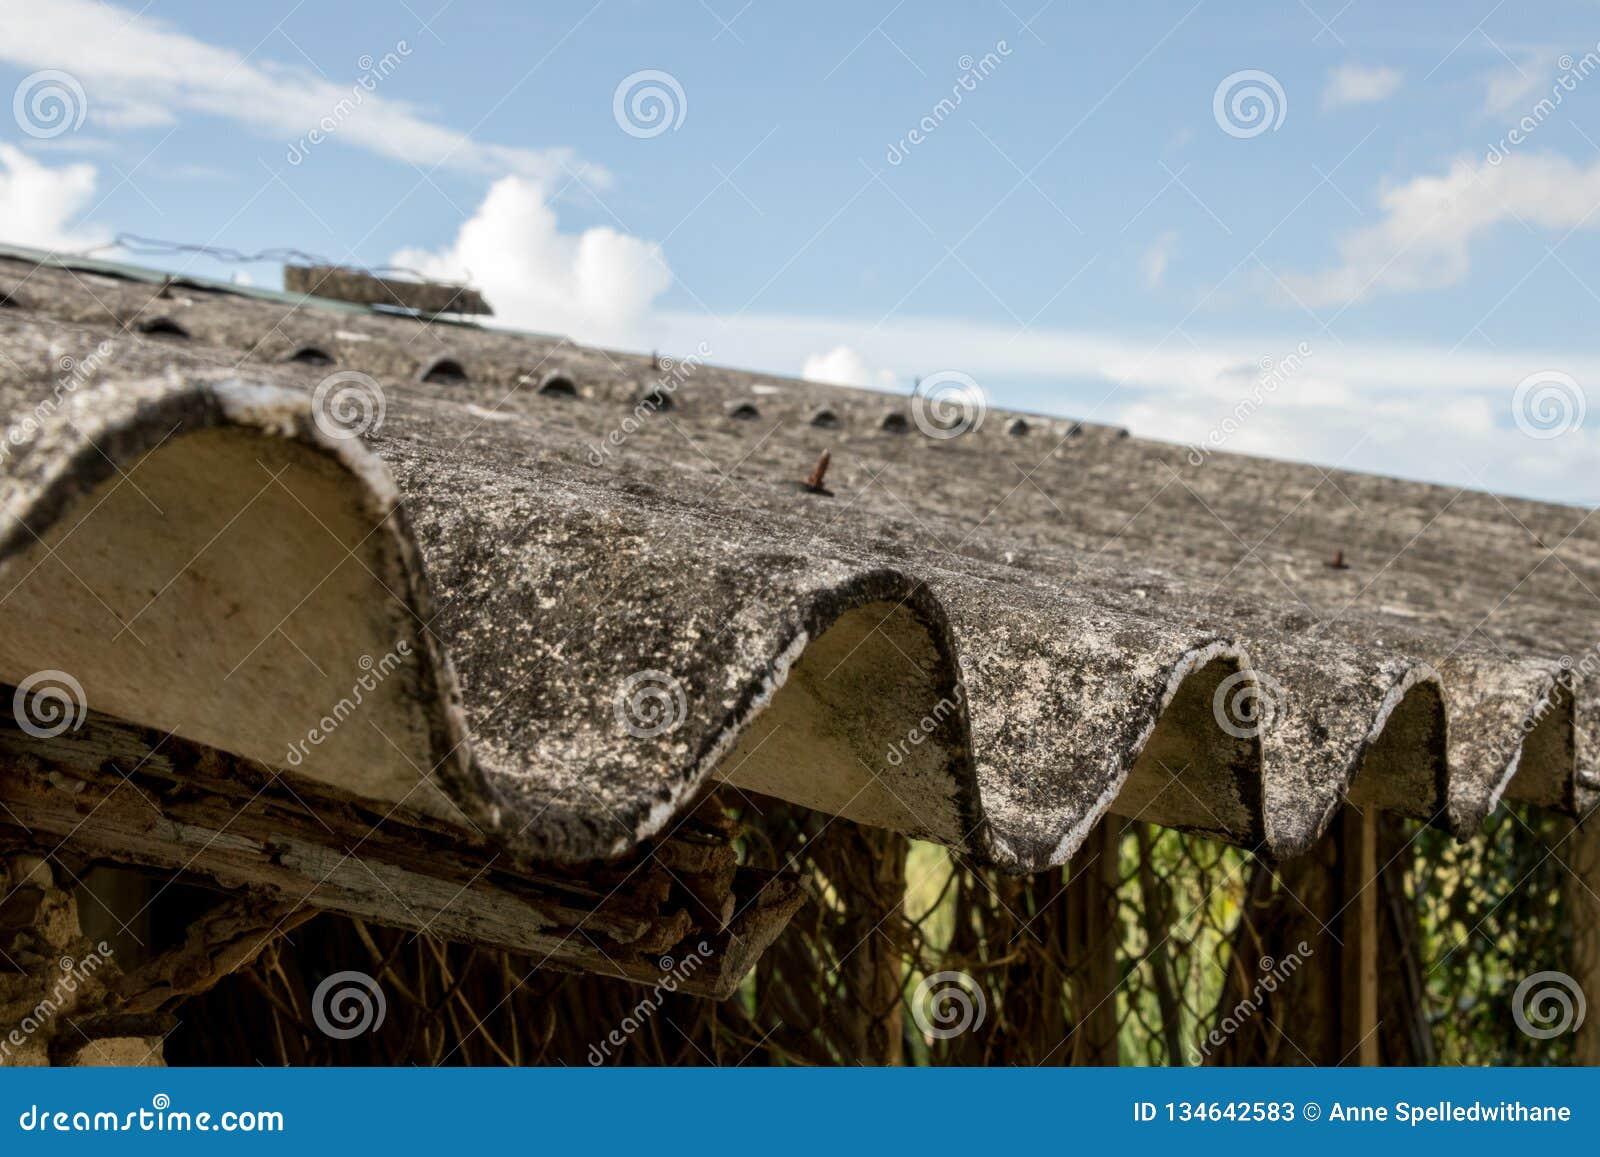 被放弃的亚洲鸡舍特写镜头肮脏的发霉的波纹状的屋顶有生锈的铁丝网的-与云彩的蓝色明亮的天空